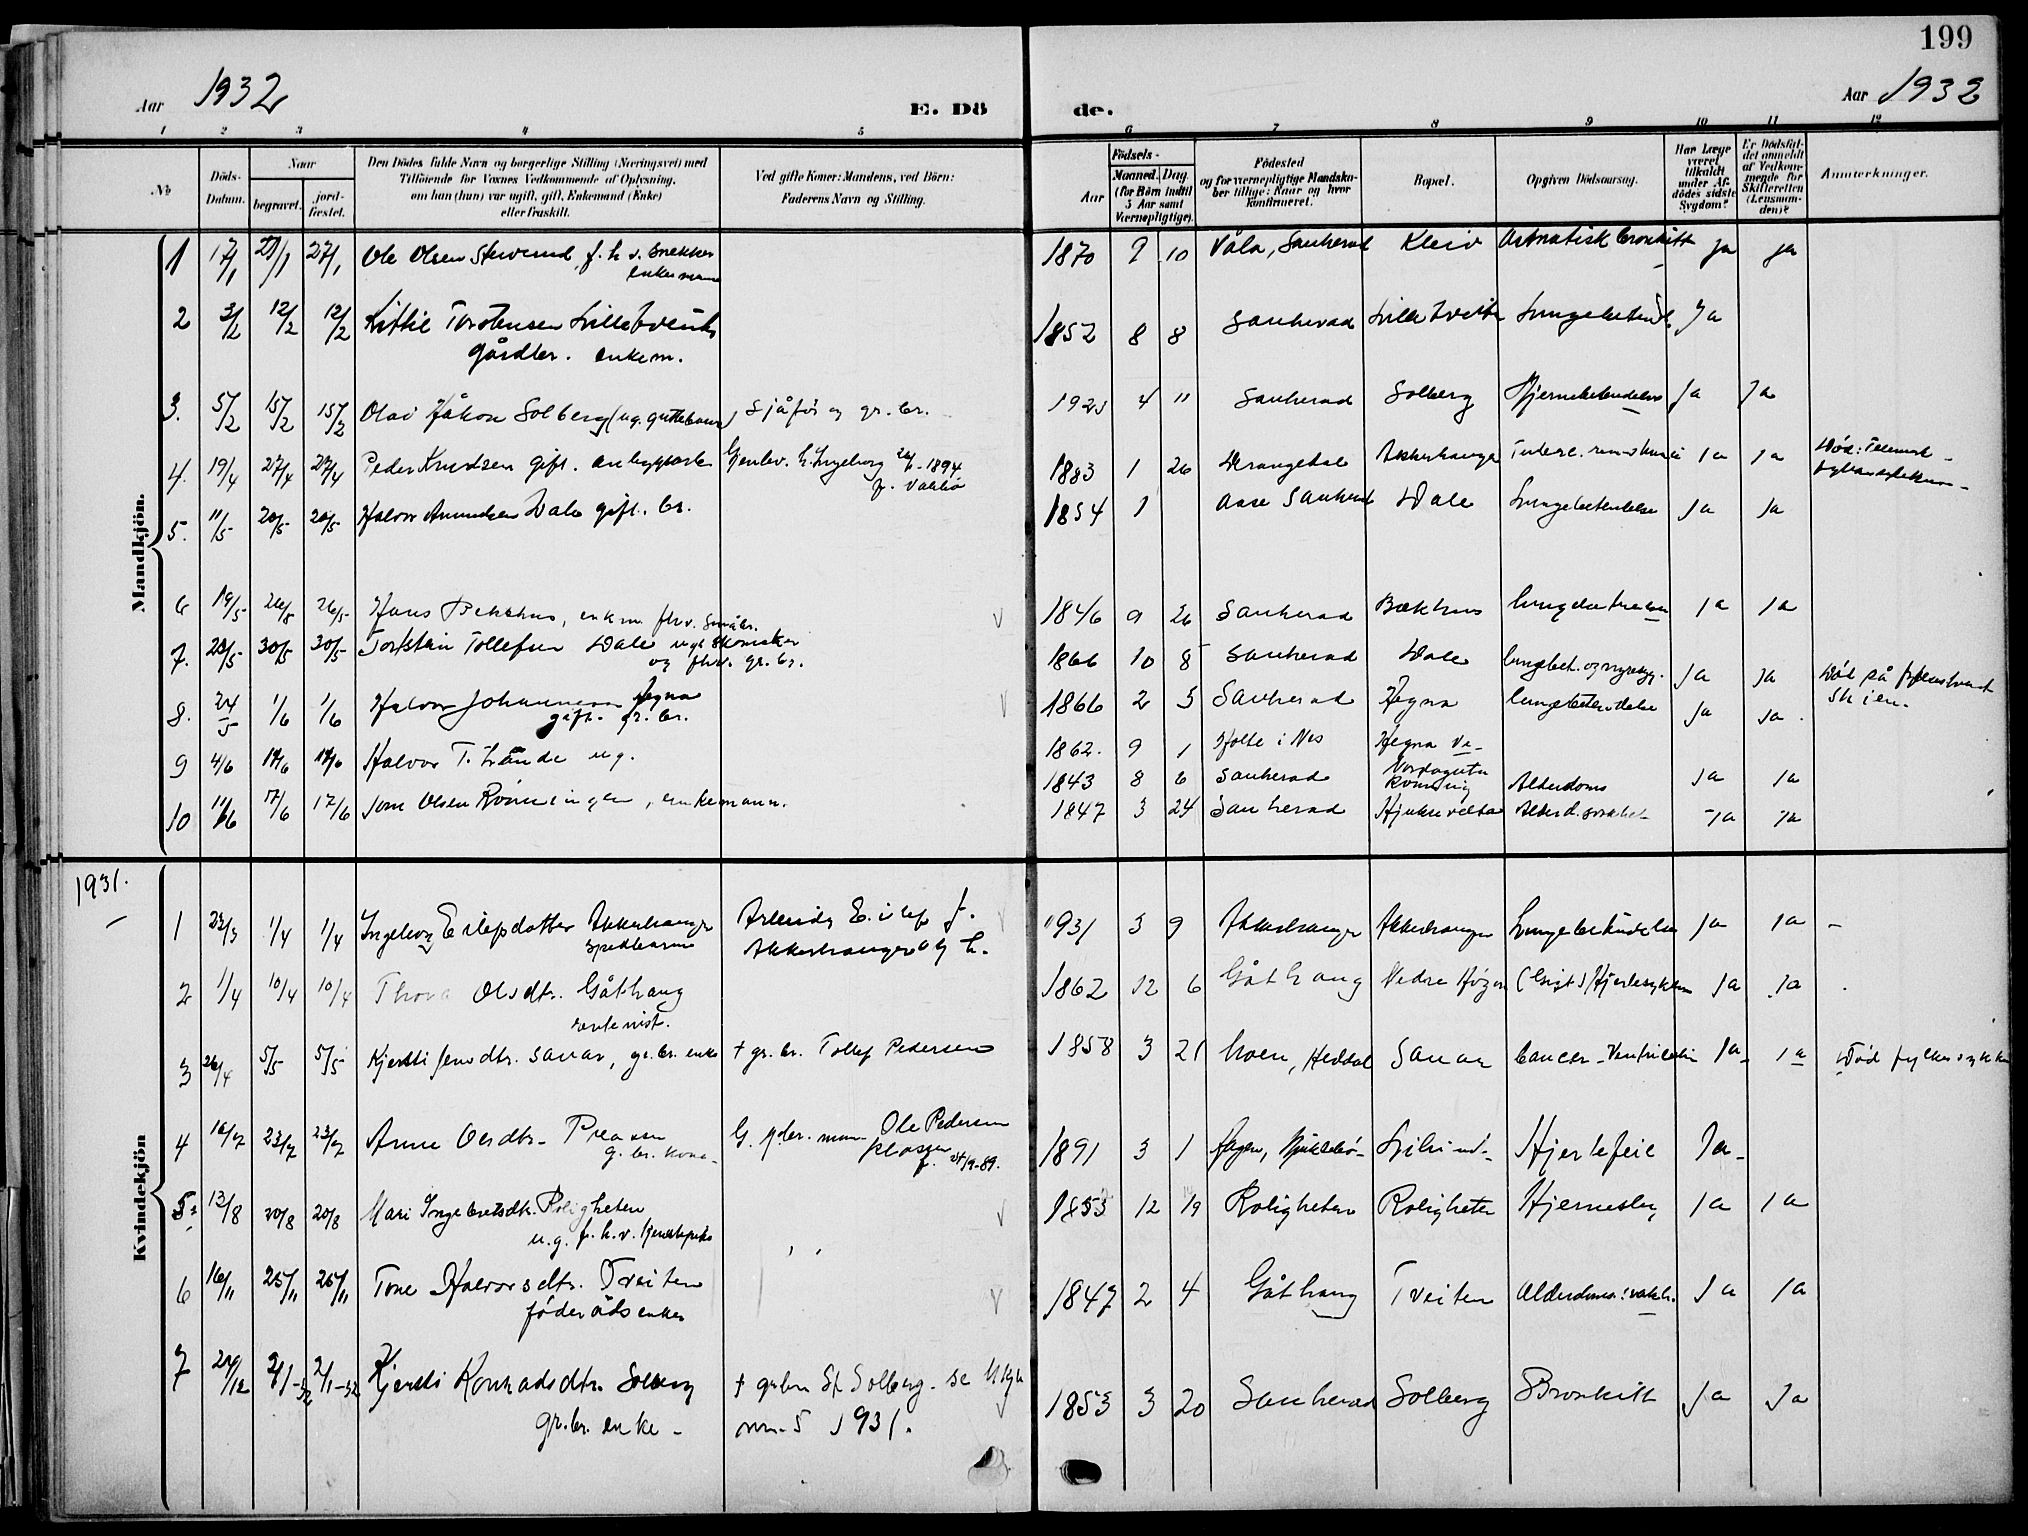 SAKO, Sauherad kirkebøker, G/Ga/L0004a: Klokkerbok nr. I 4, 1906-1934, s. 199